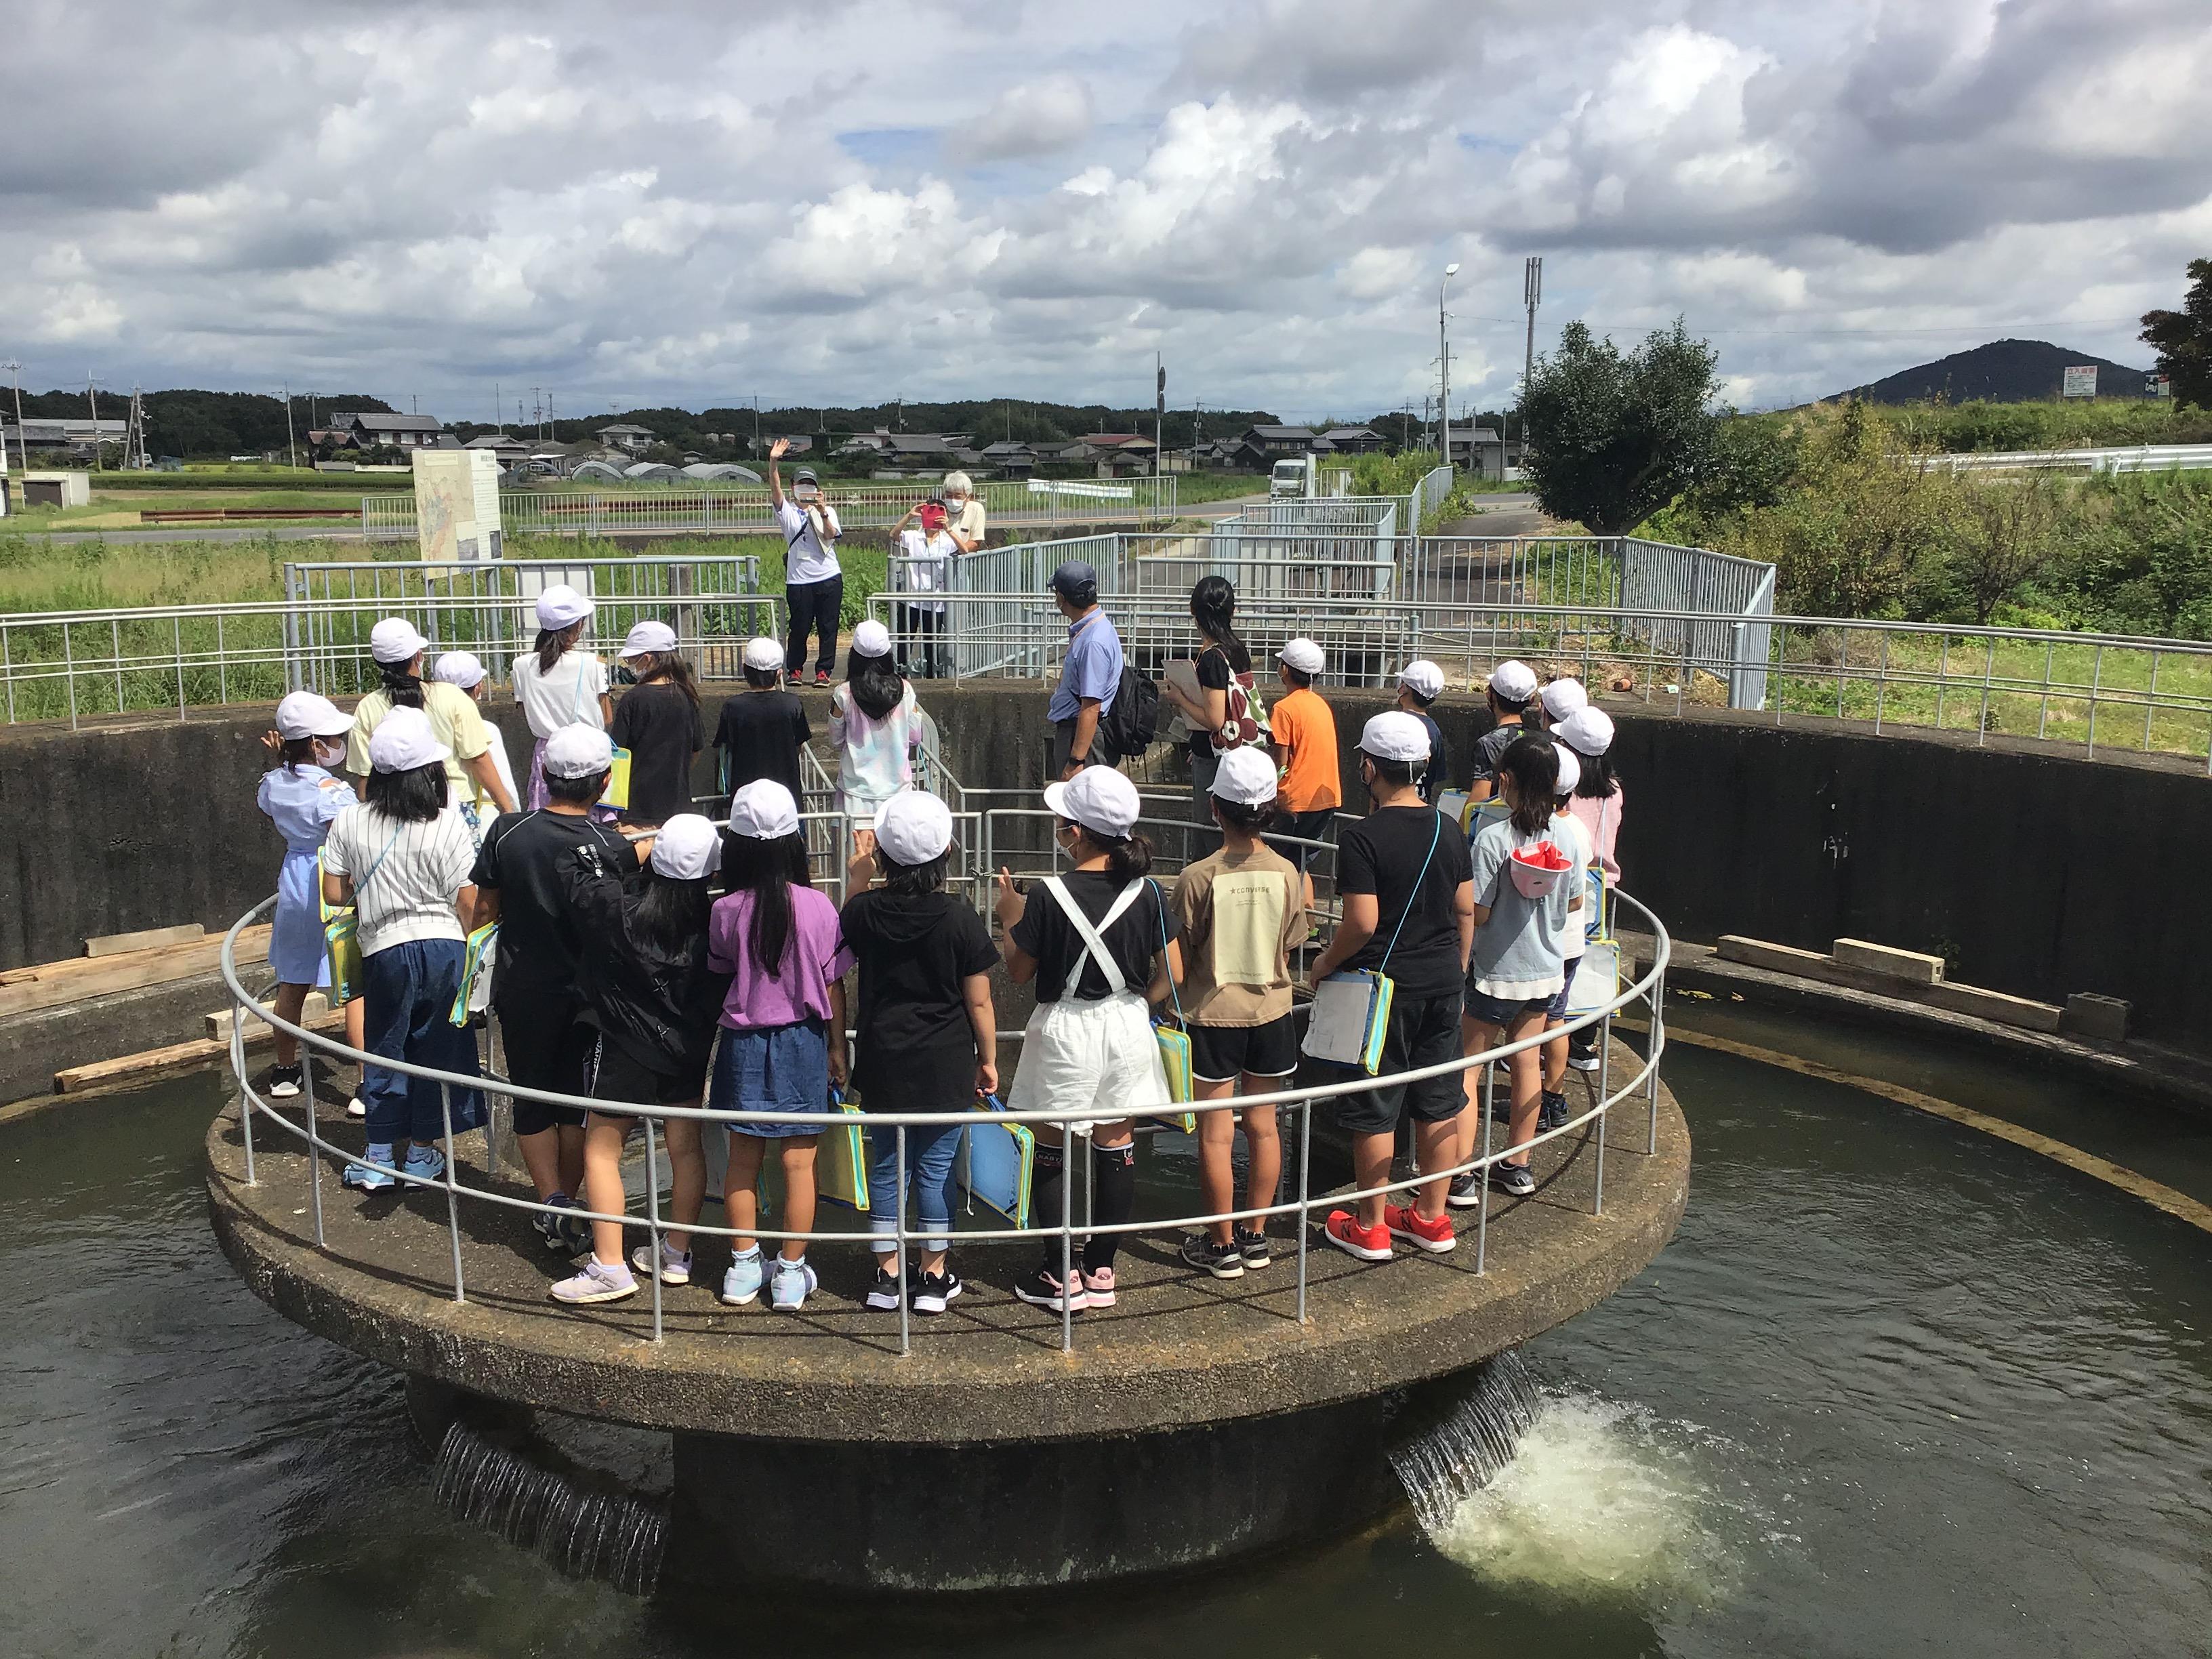 練部屋分水所 みんな。撮影するよ~。東播磨県民局の福田さんと流域土地改良事務所の木村さんに注目。写真右奥の山は雌岡山(めっこうさん)かな。標高249m